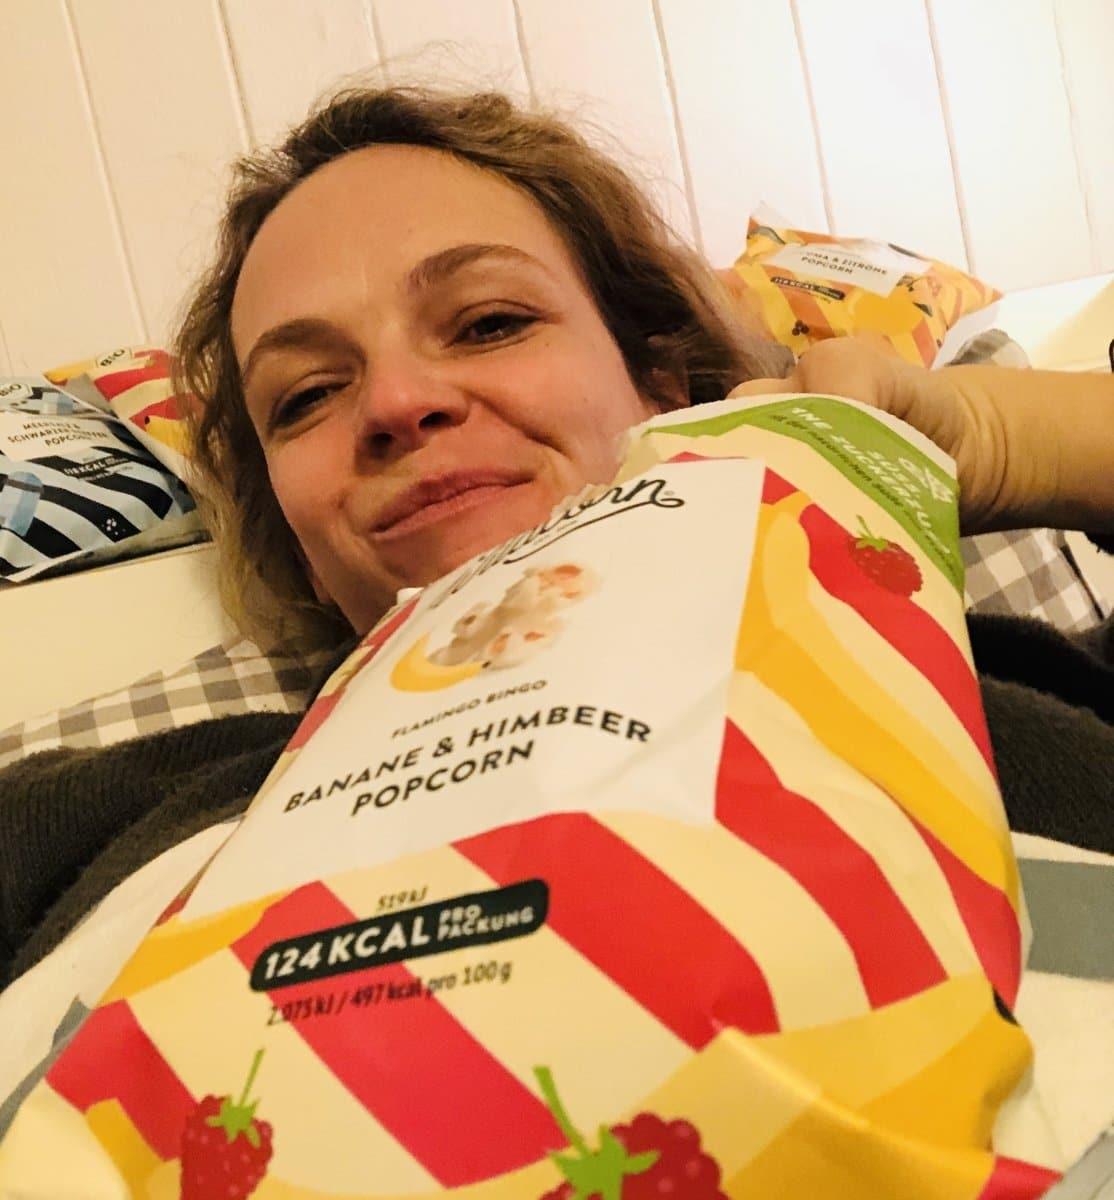 popcorn4 - Gesund snacken mit Wildcorn: Wo ich mir als Mama meine Rückzugsräume nehme -